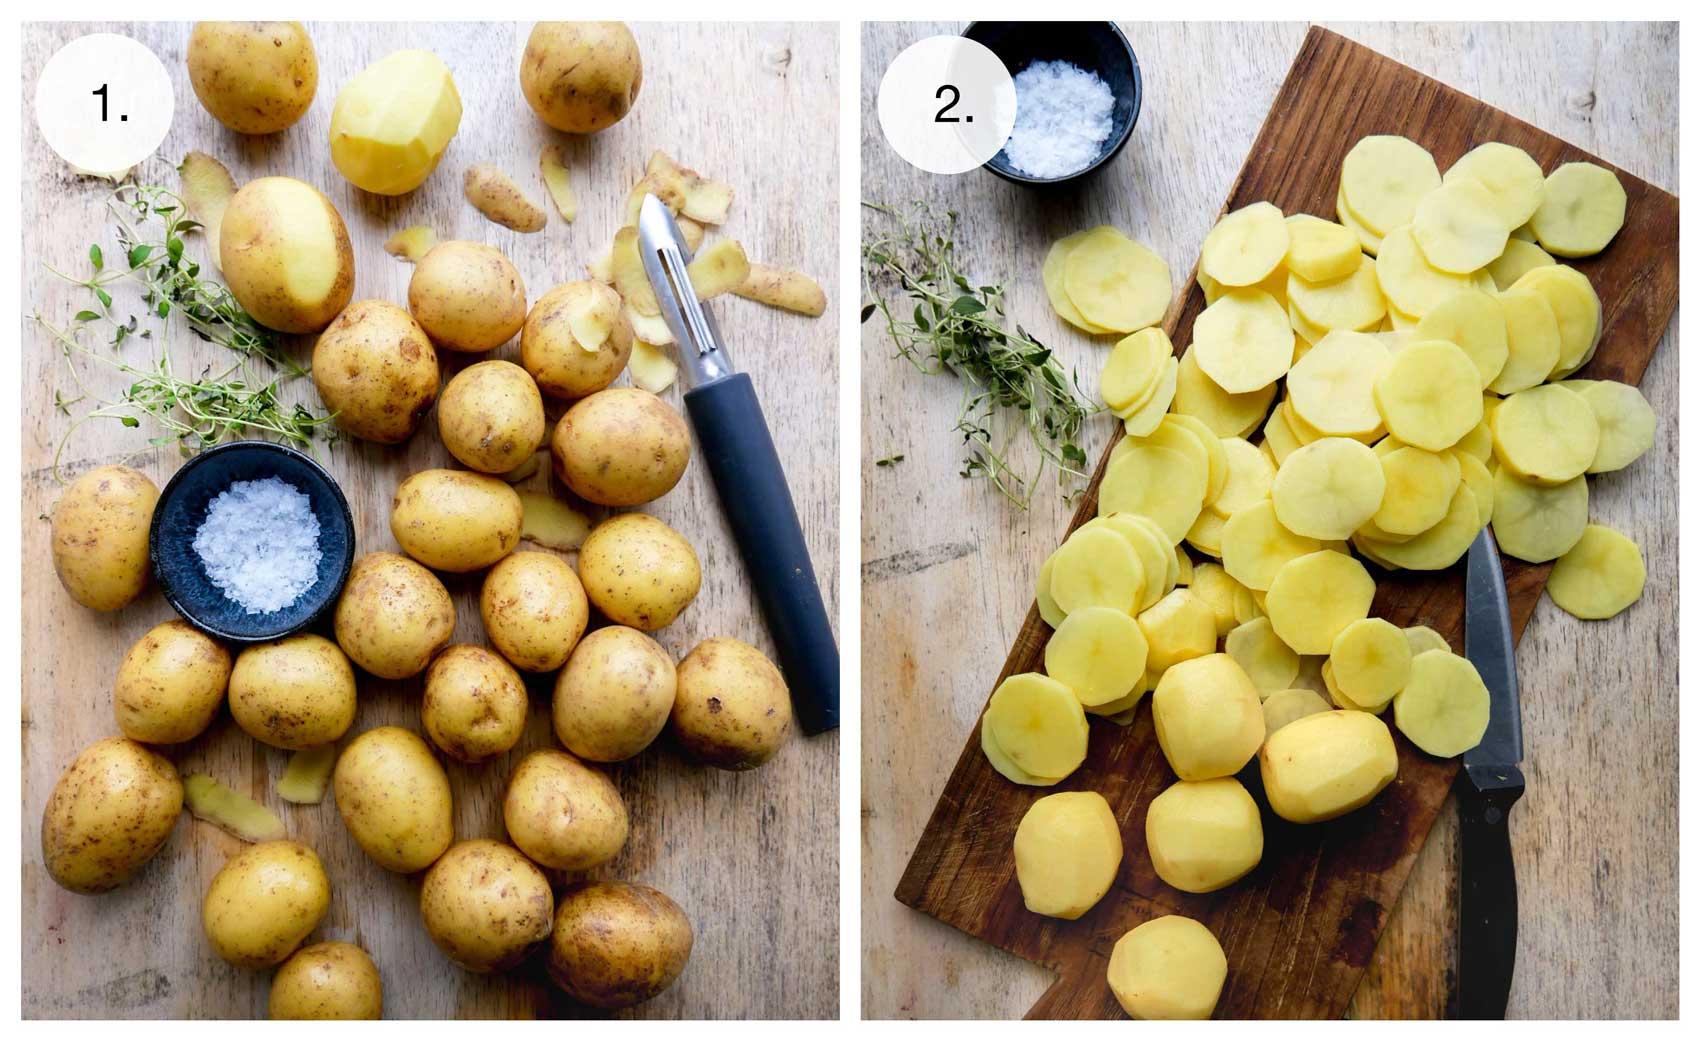 hakkede kartofler